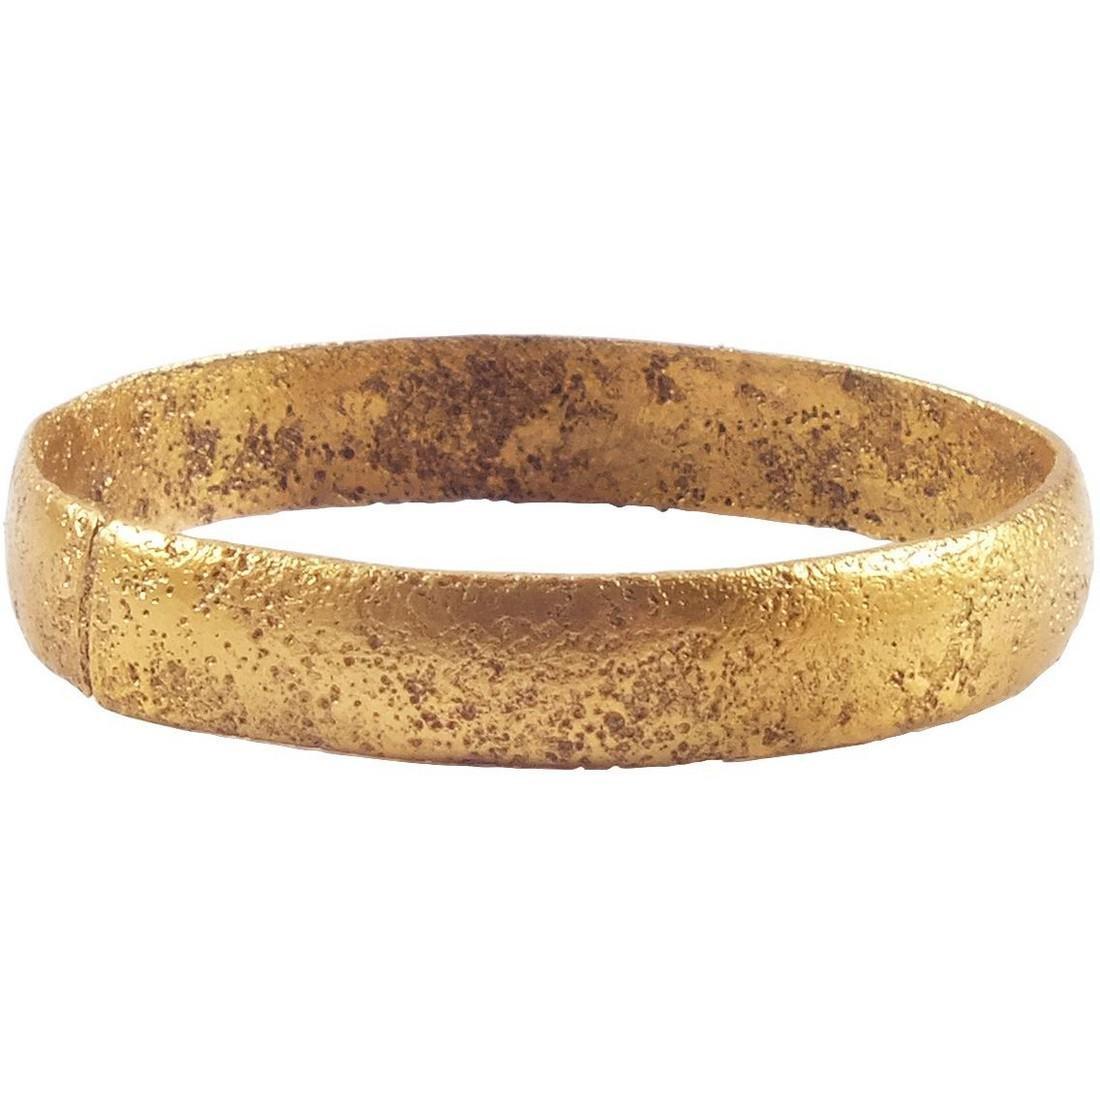 VIKING MAN'S WEDDING RING 10th-11th CENTURY Sz 9 3/4